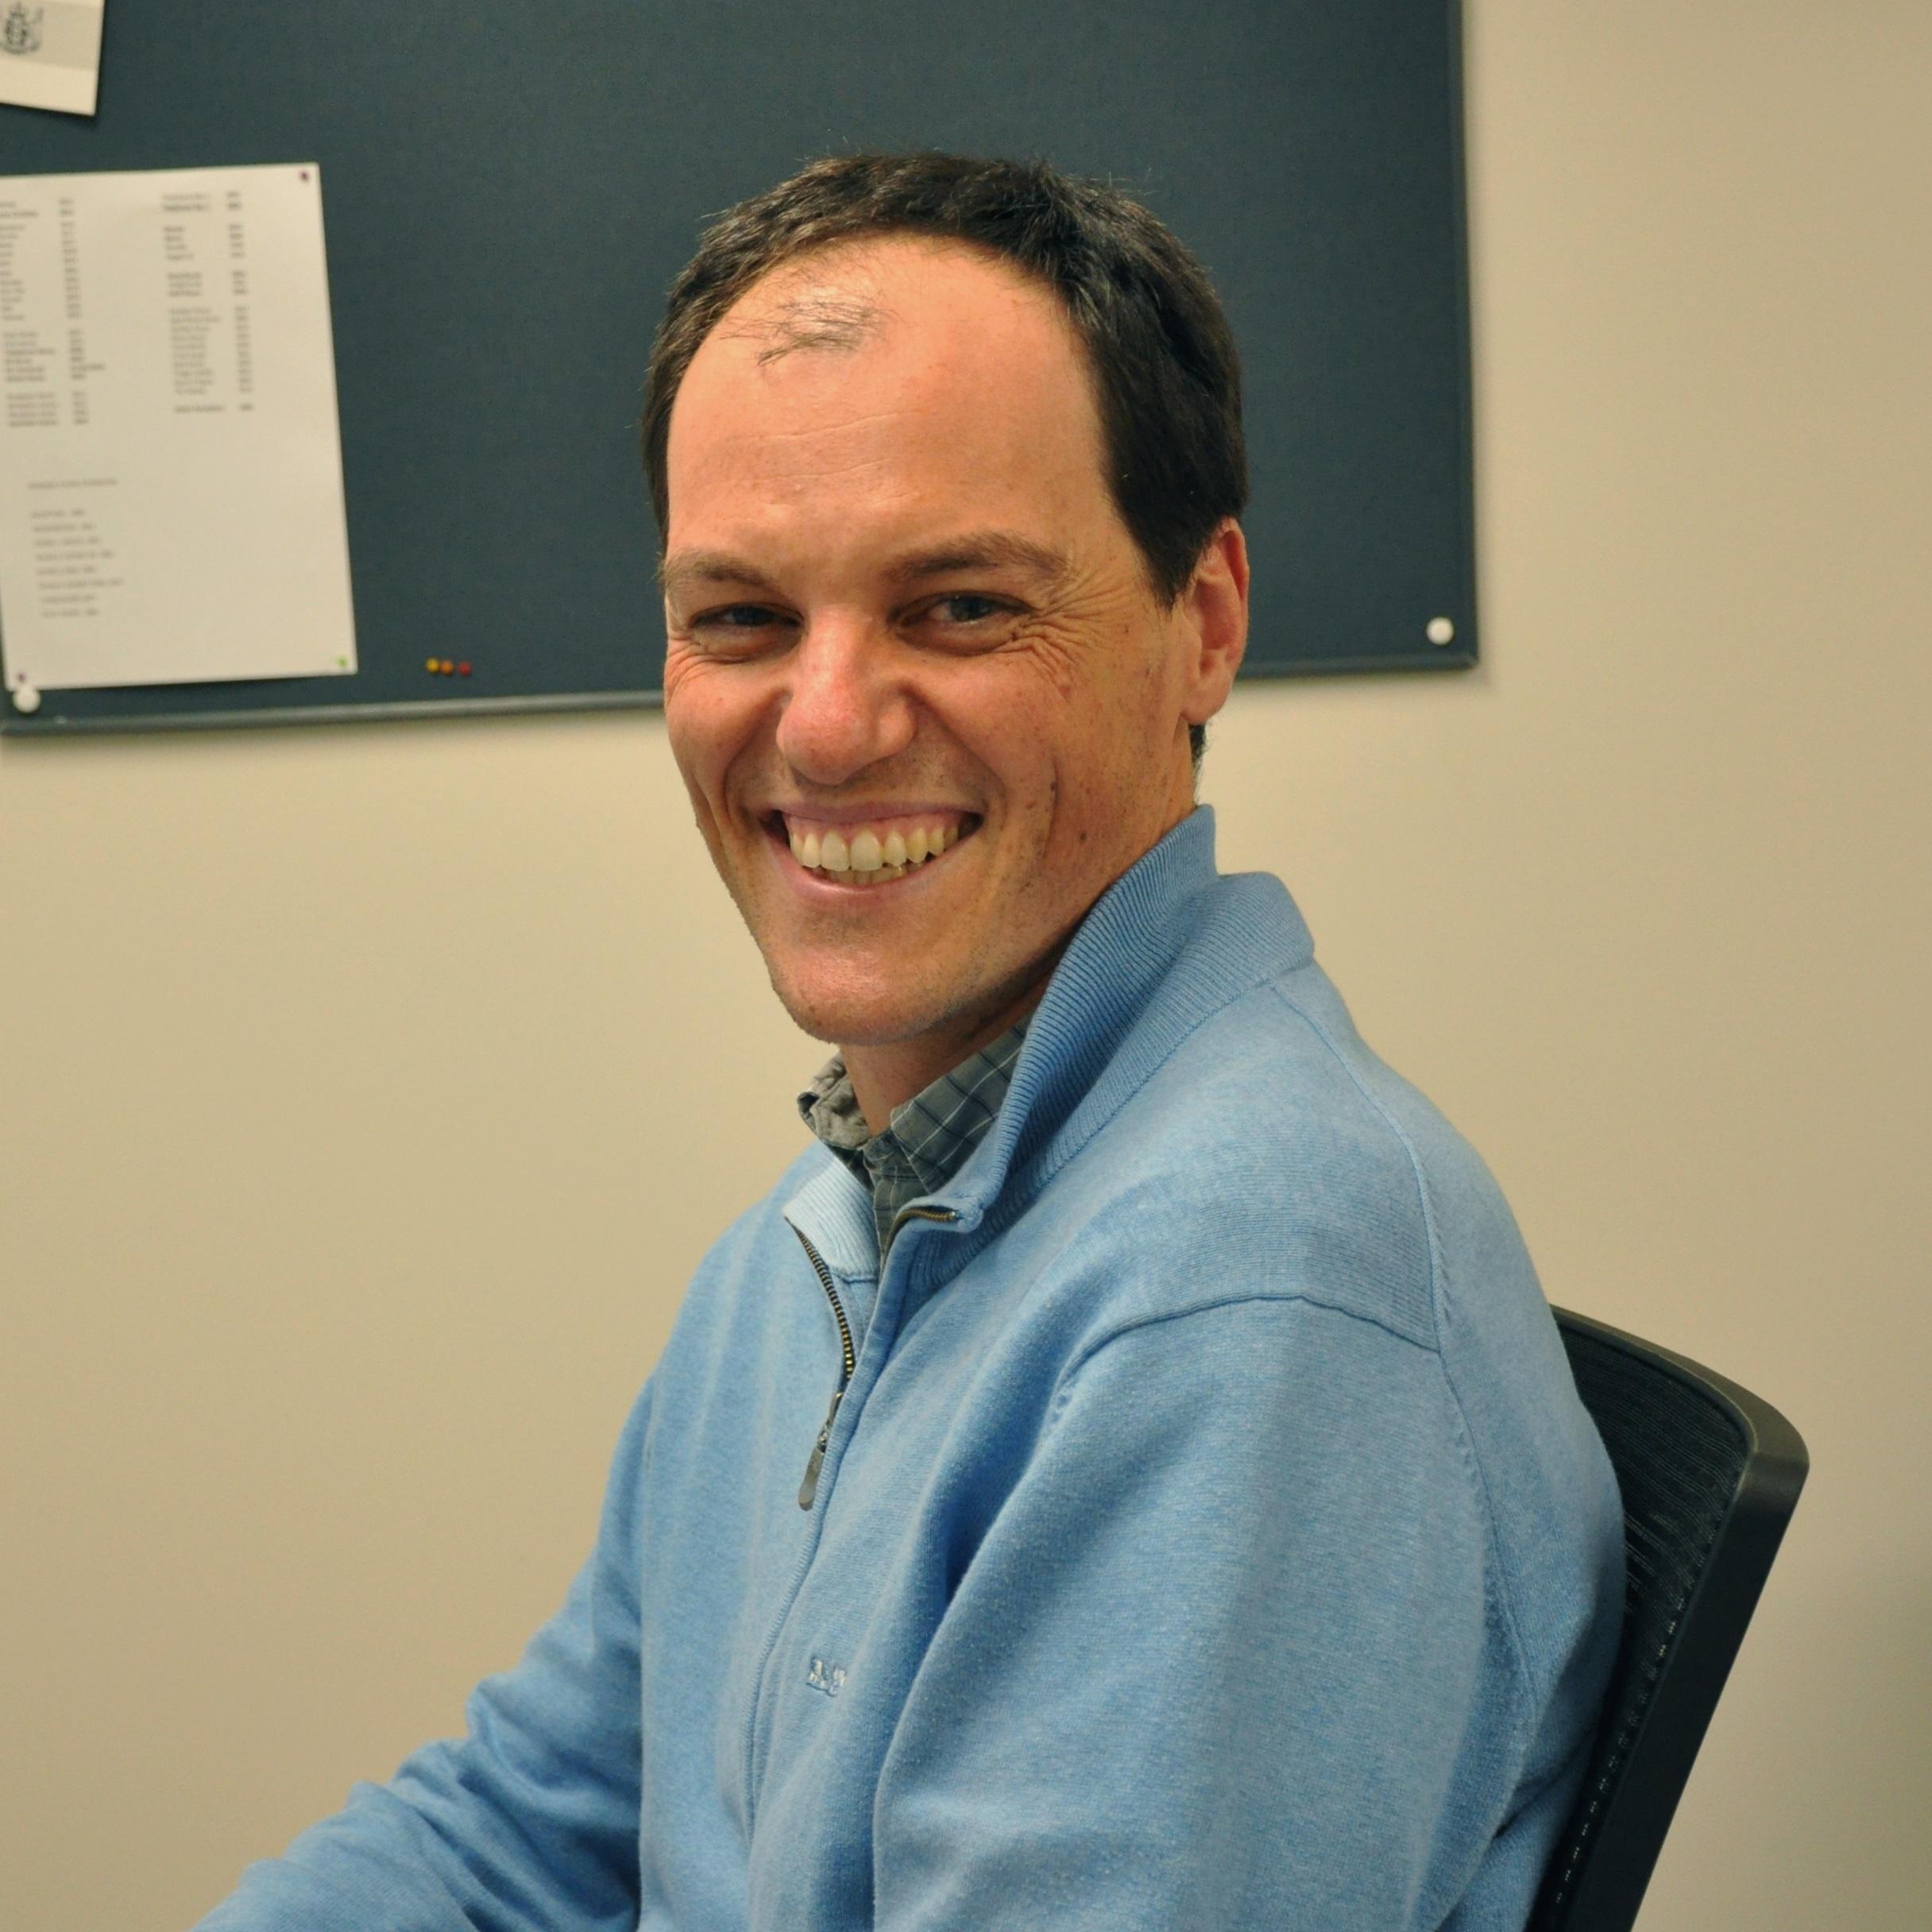 Dr Romain Kuhm